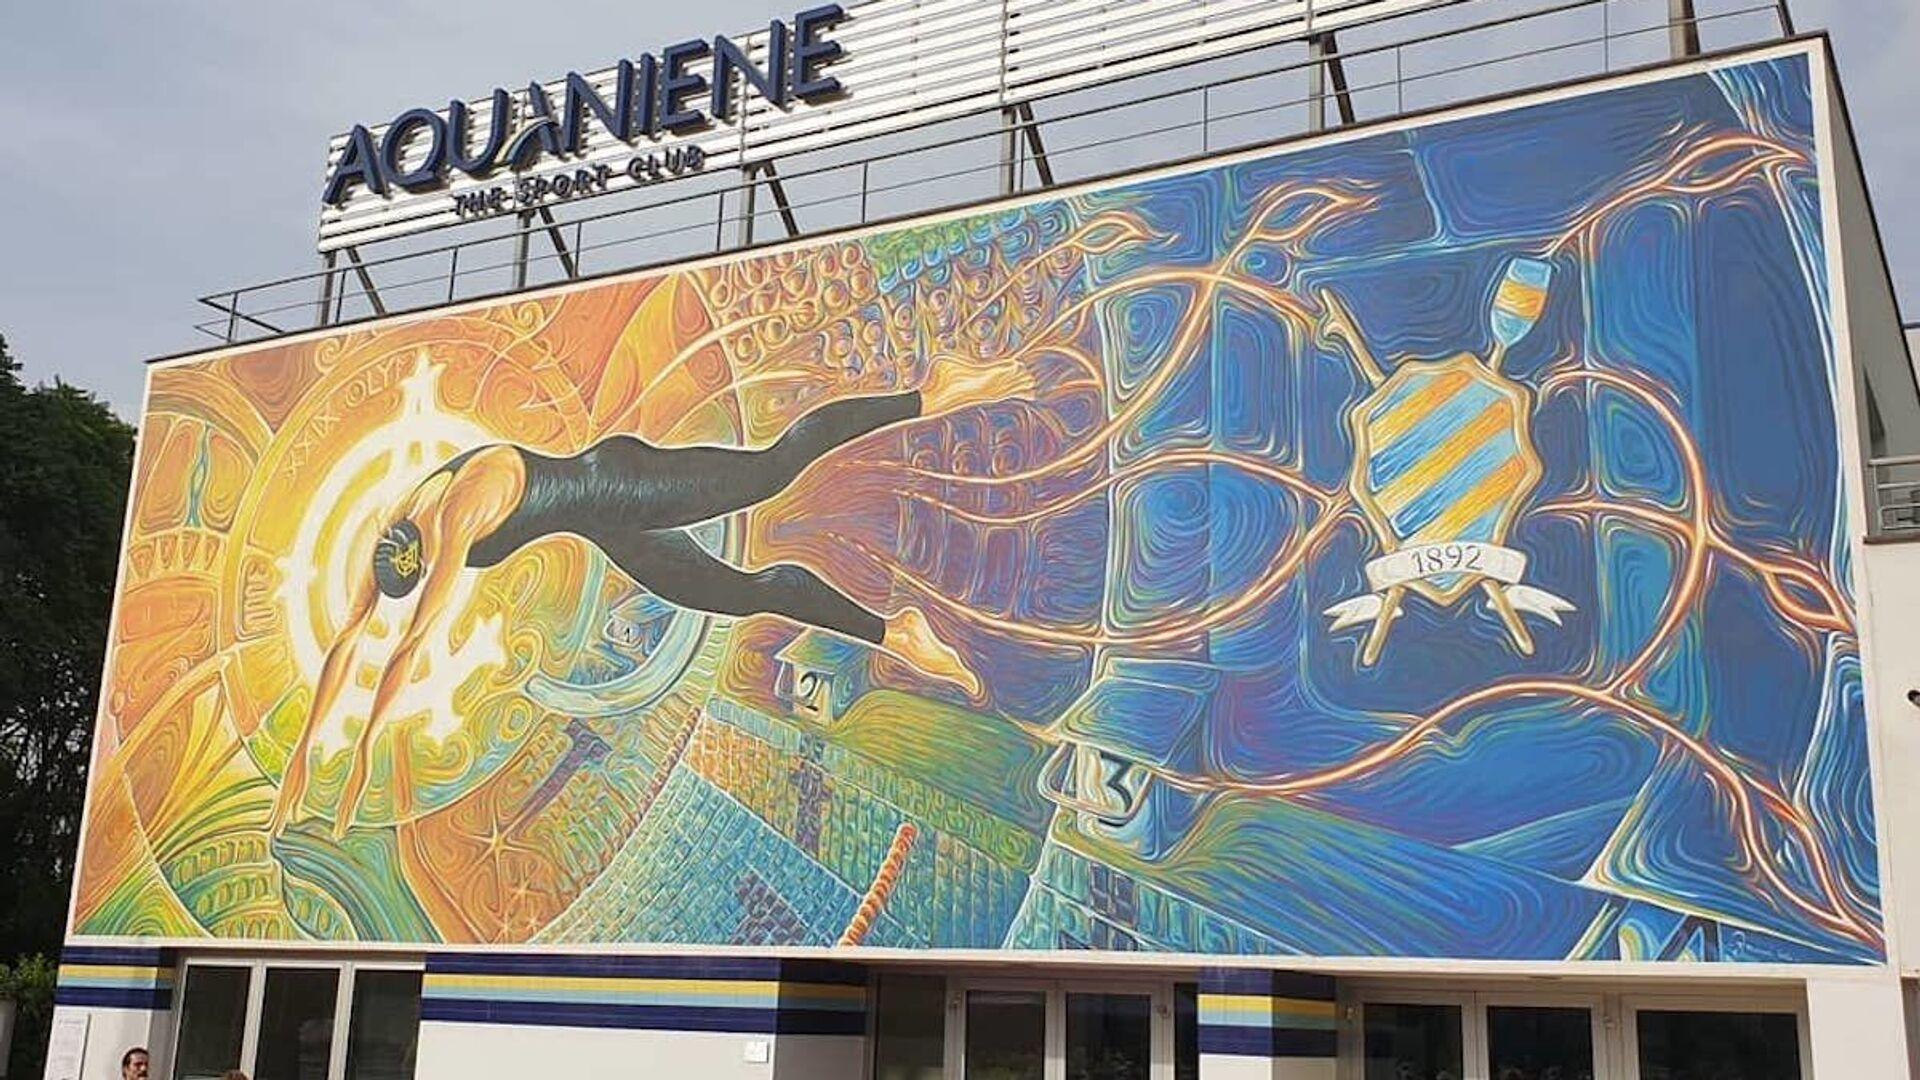 L'opera Dimensione divina dedicata alla nuotatrice Federica Pellegrini - Sputnik Italia, 1920, 25.06.2021